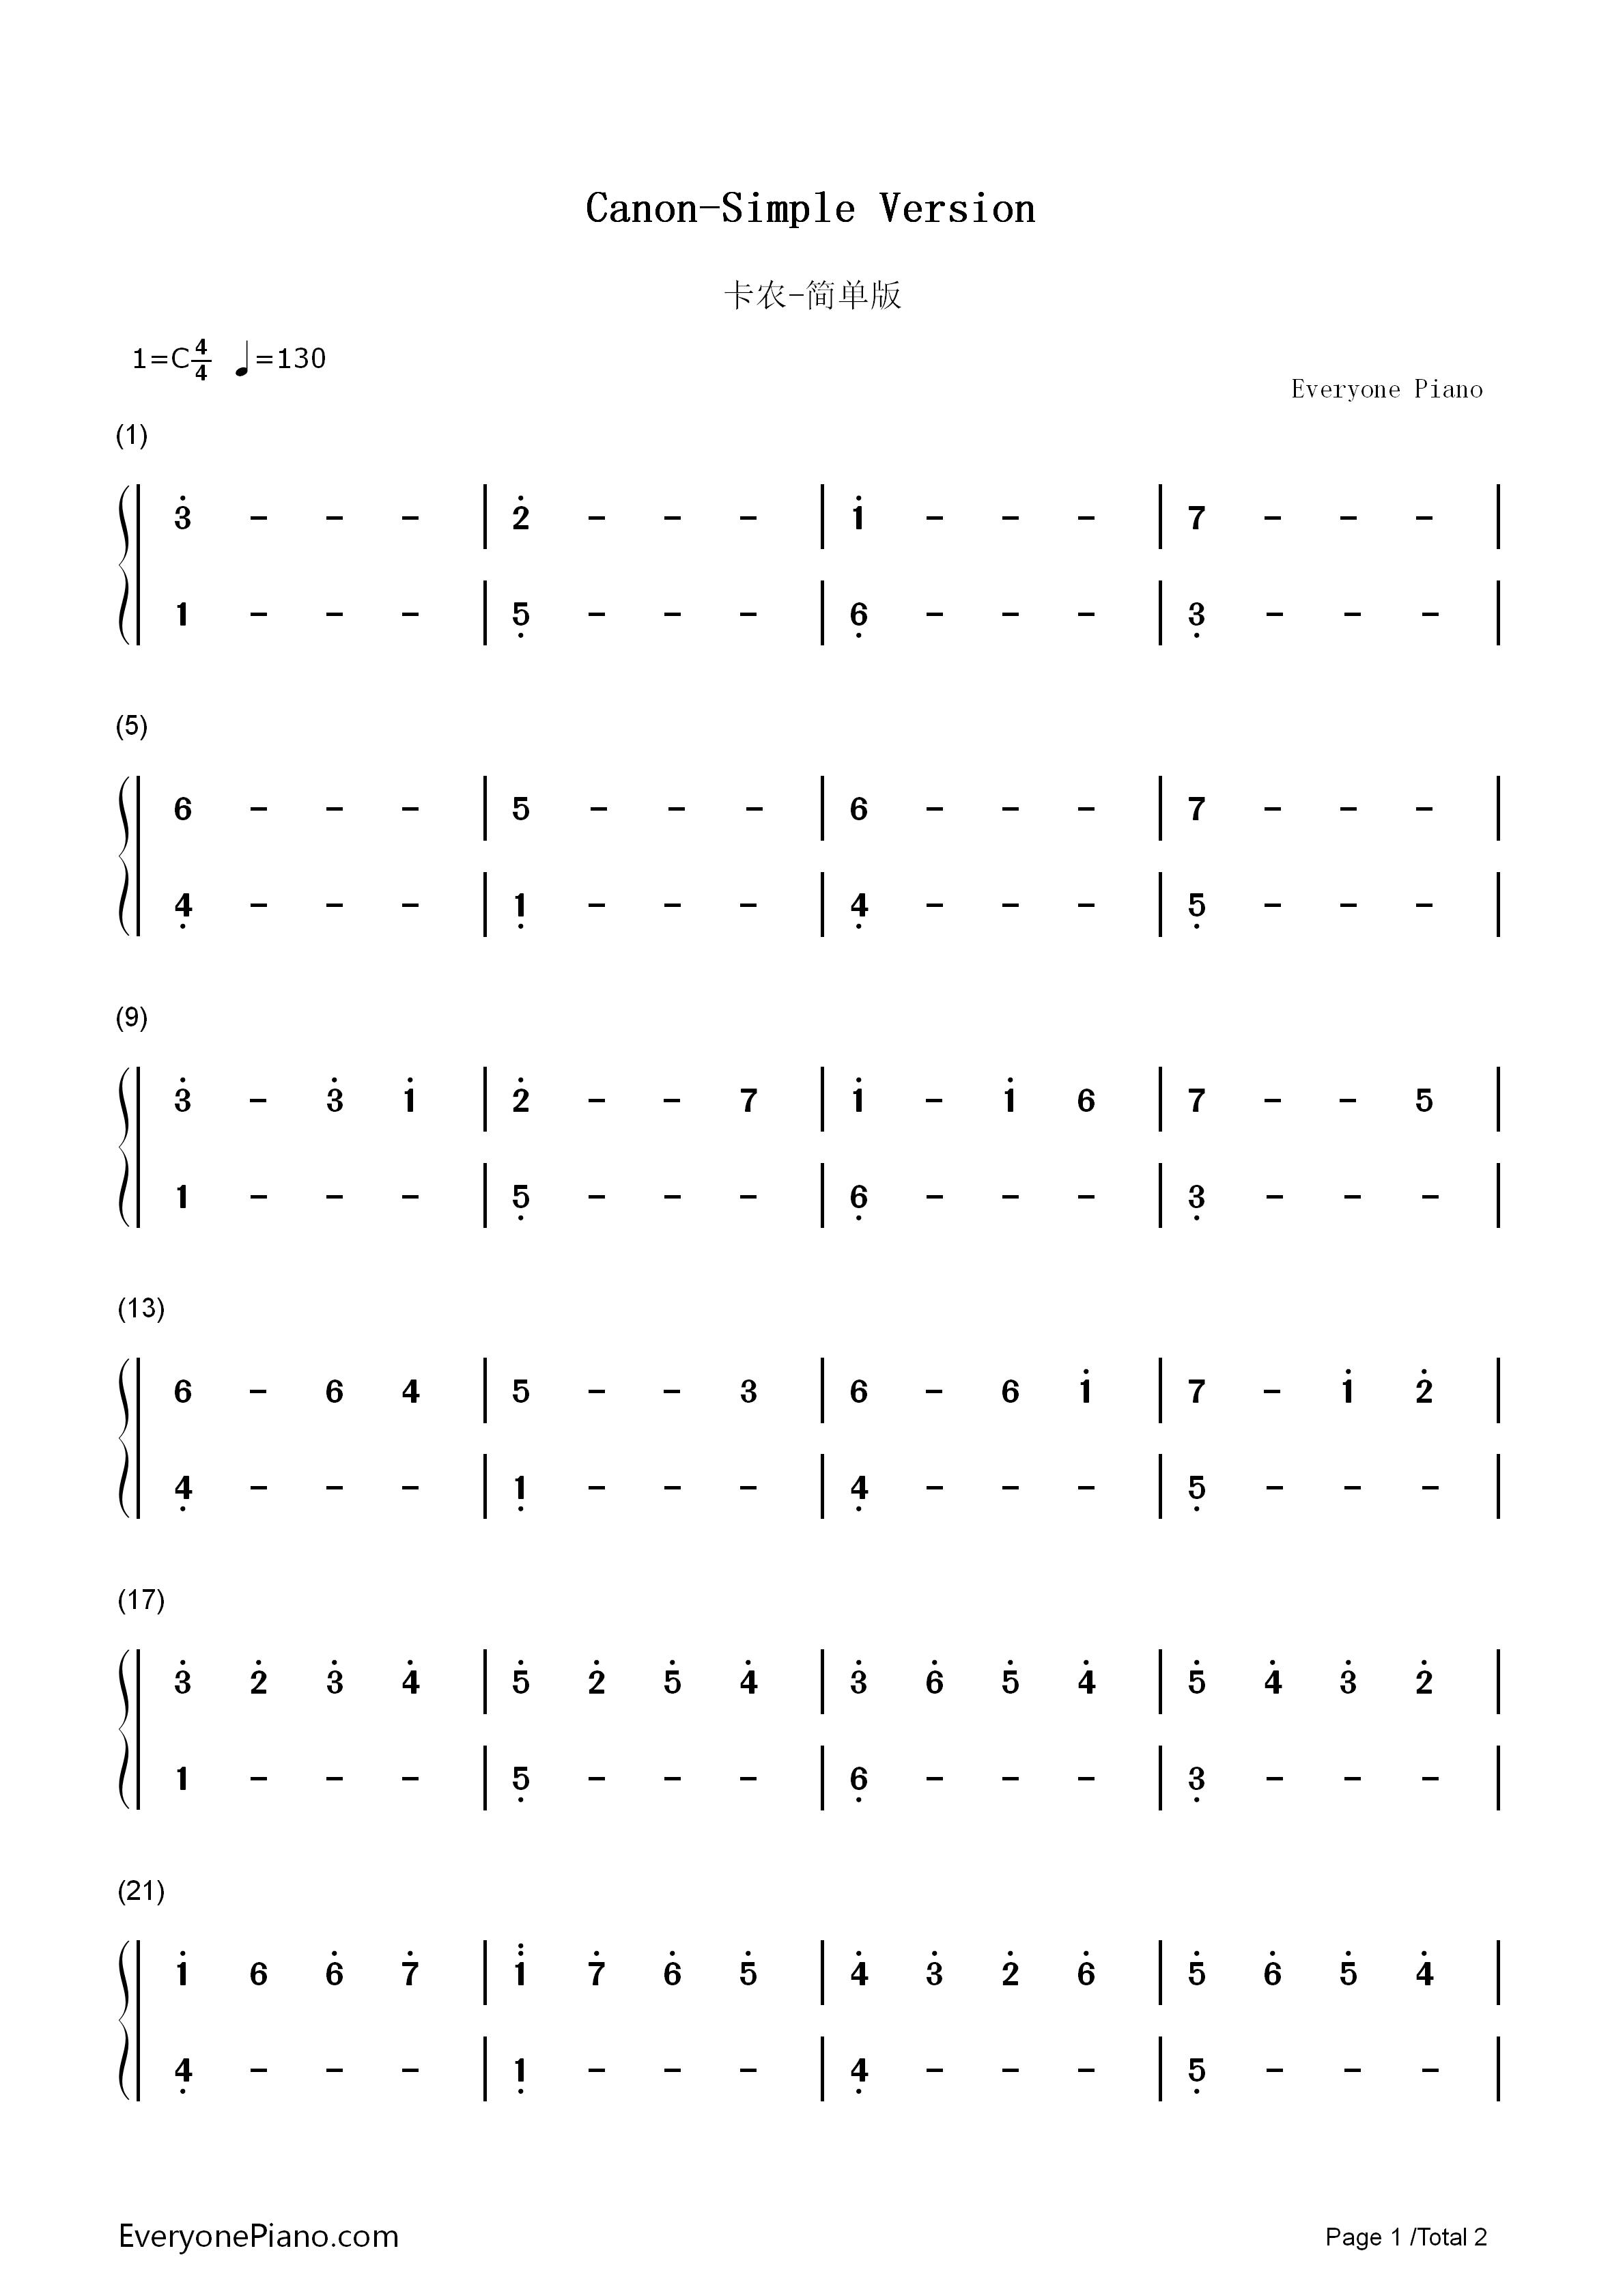 钢琴曲谱 经典 卡农-简单版 卡农-简单版双手简谱预览1  }  仅供学习